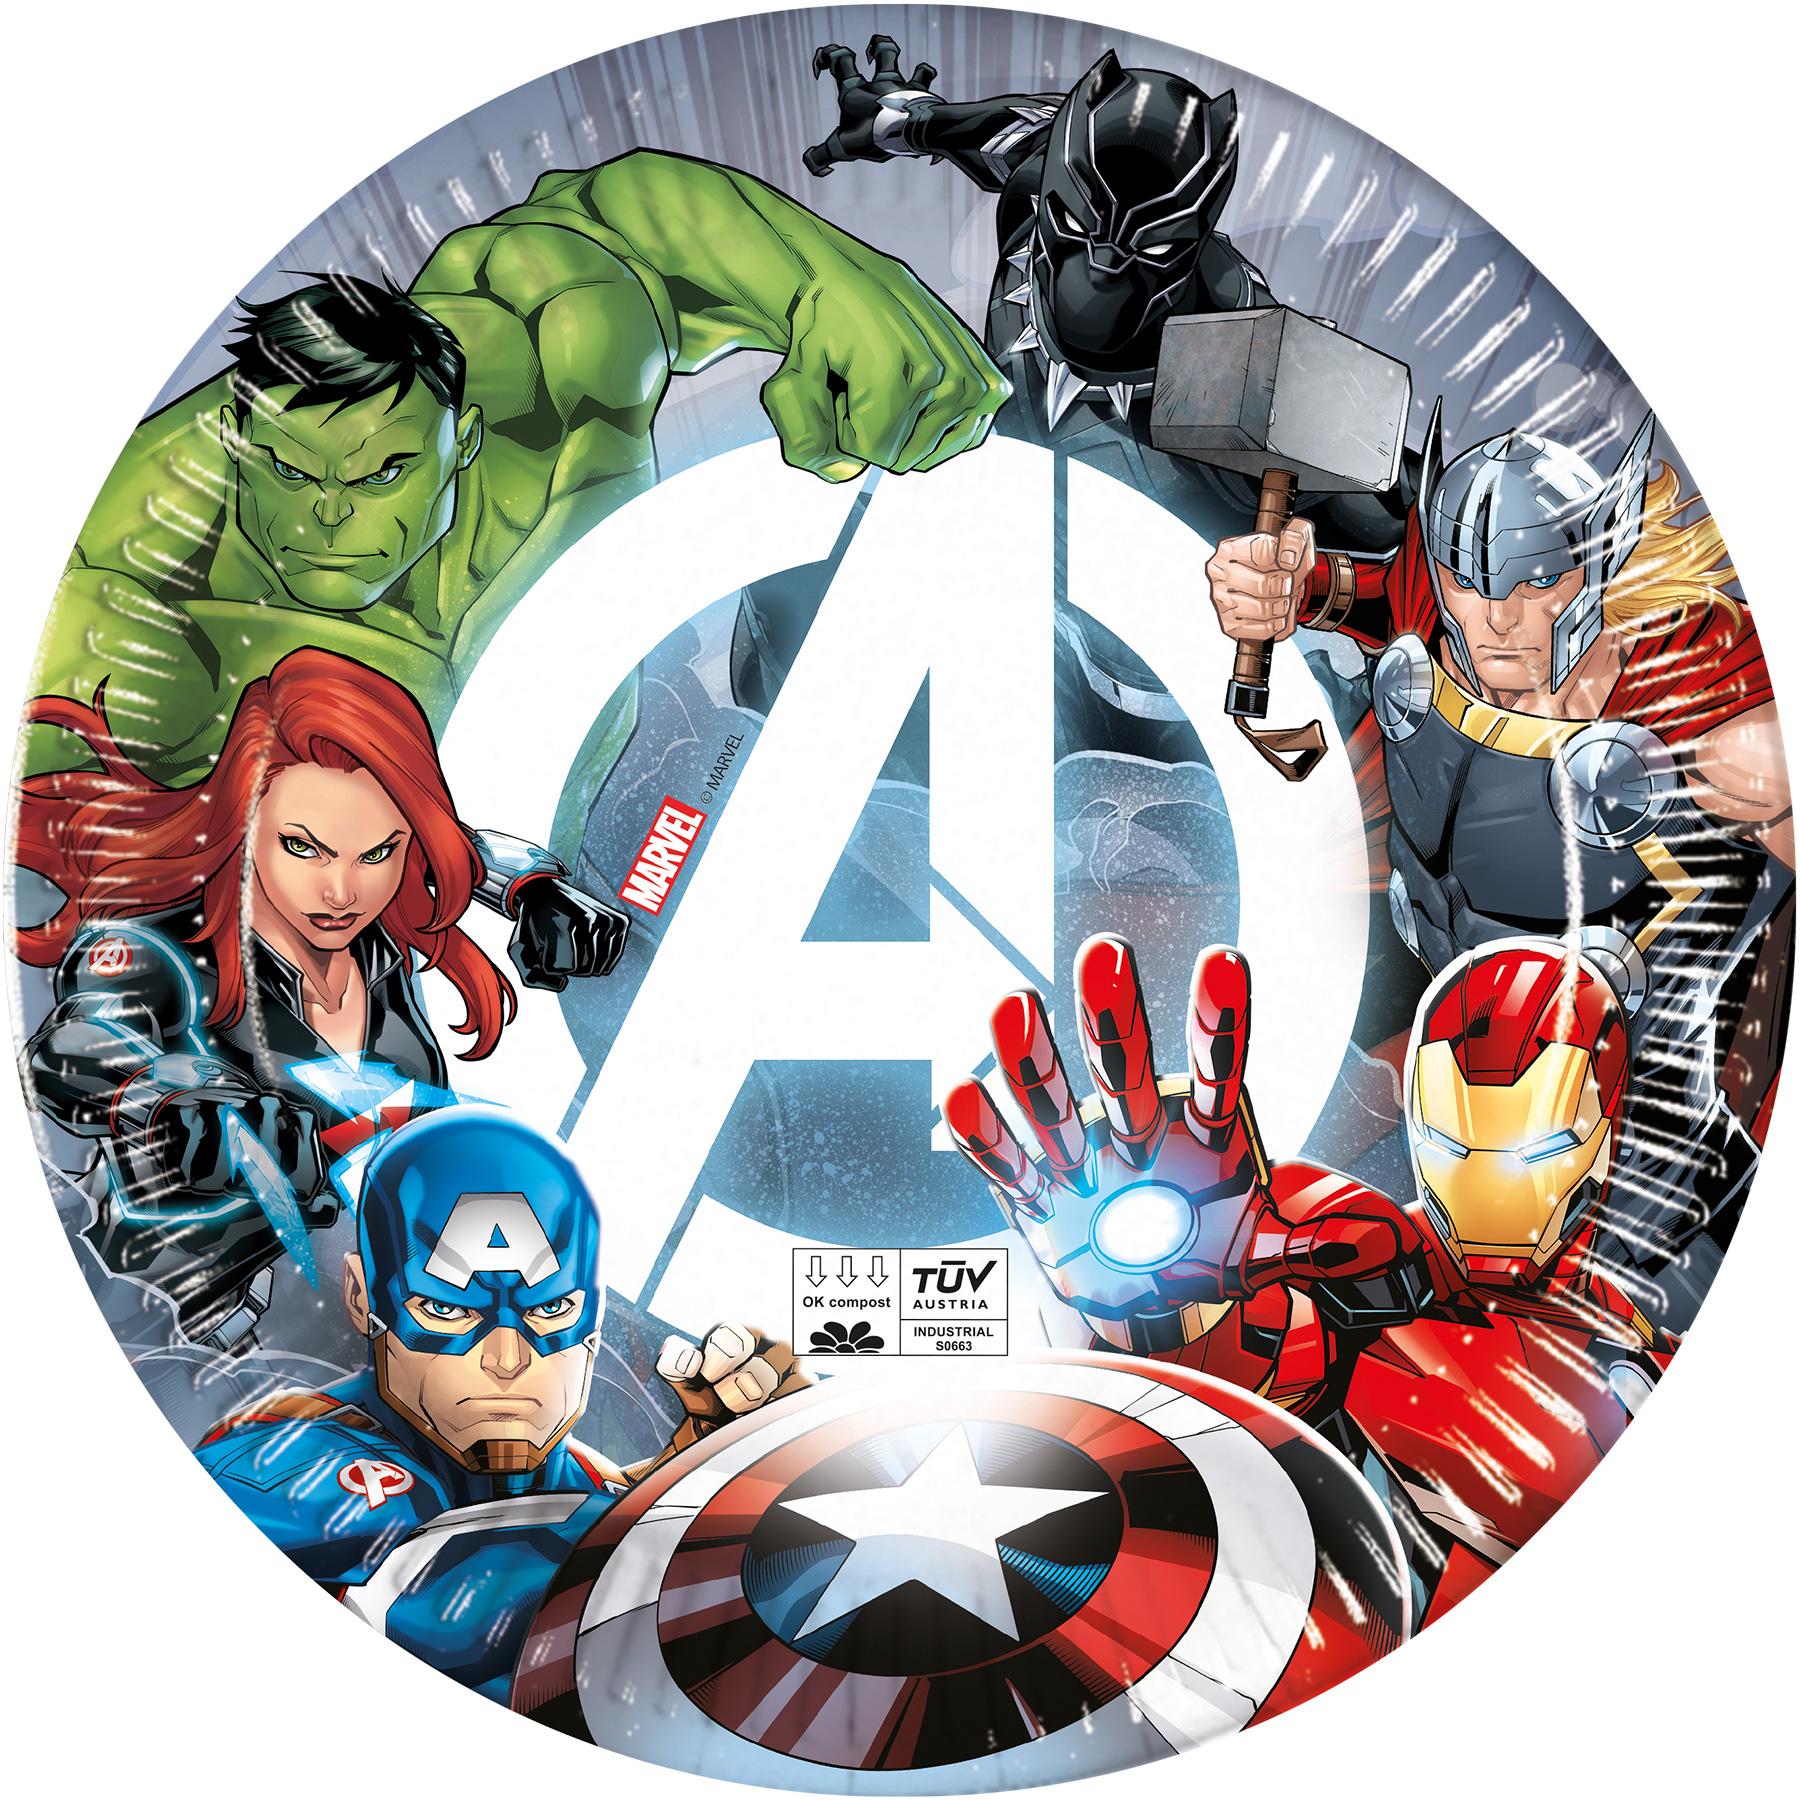 Avengers talíře papírové 8 ks 23 cm Procos